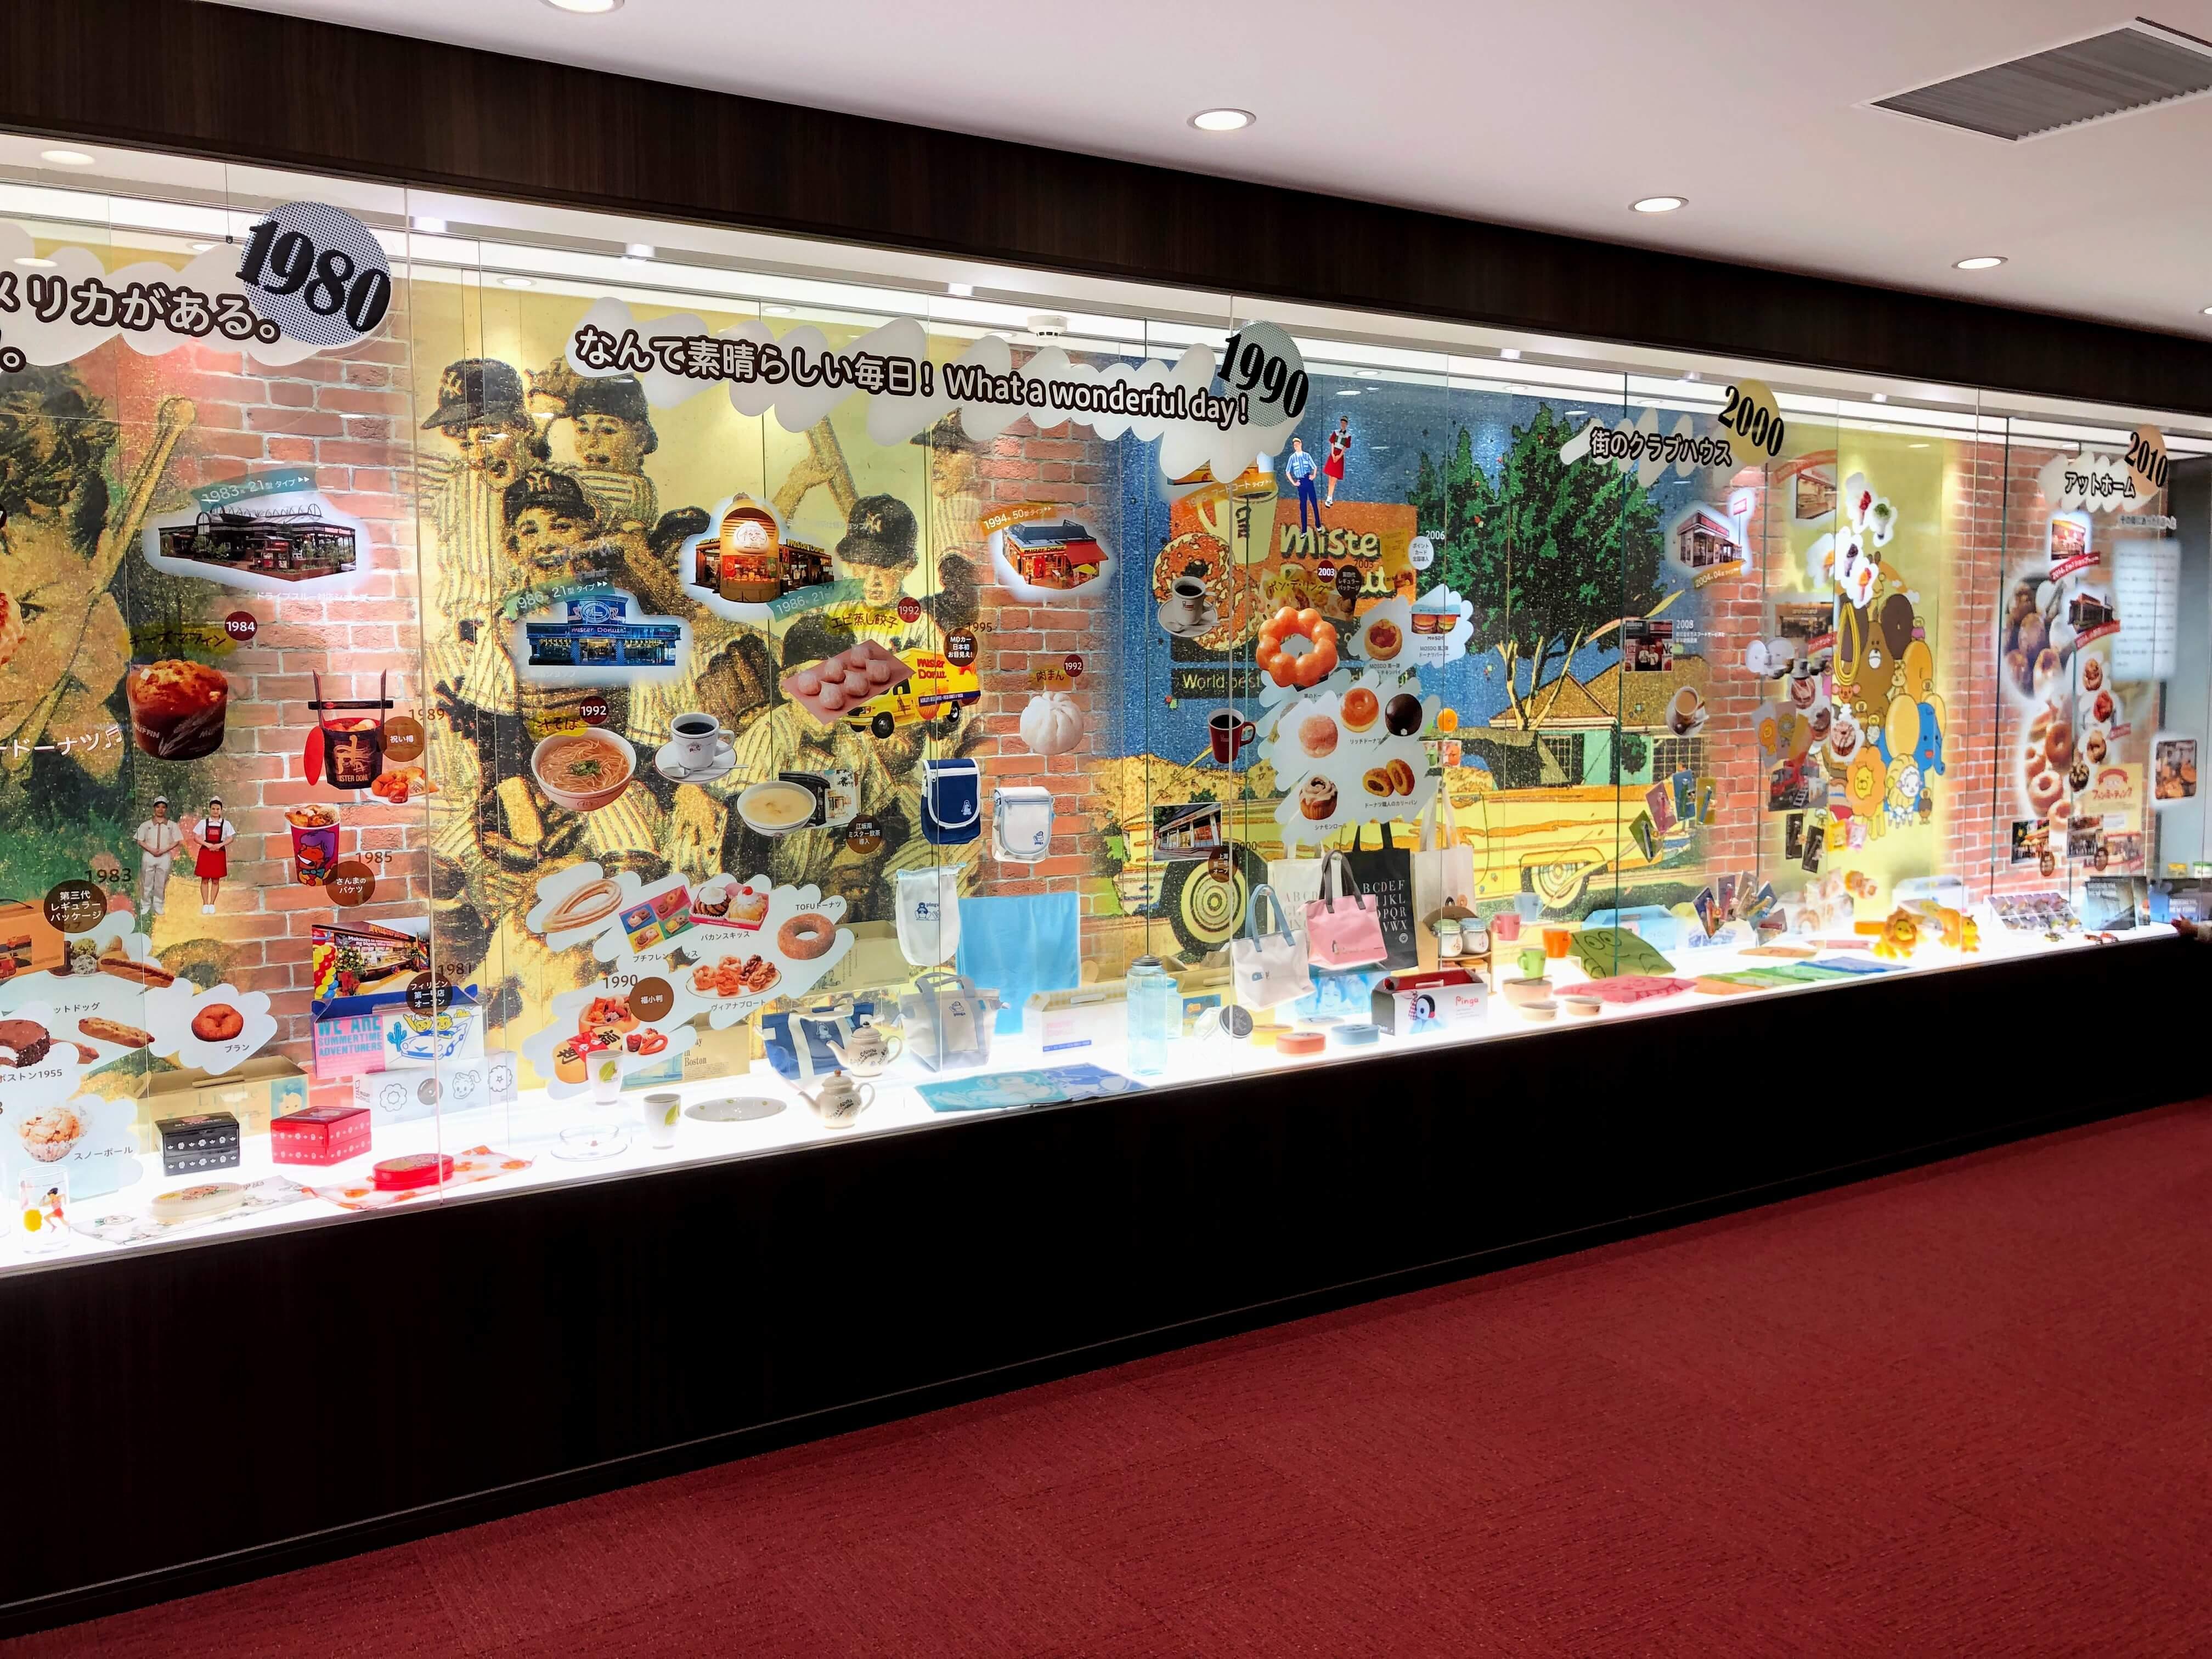 年代別のドーナツや店舗デザインの移り変わりなどがを展示